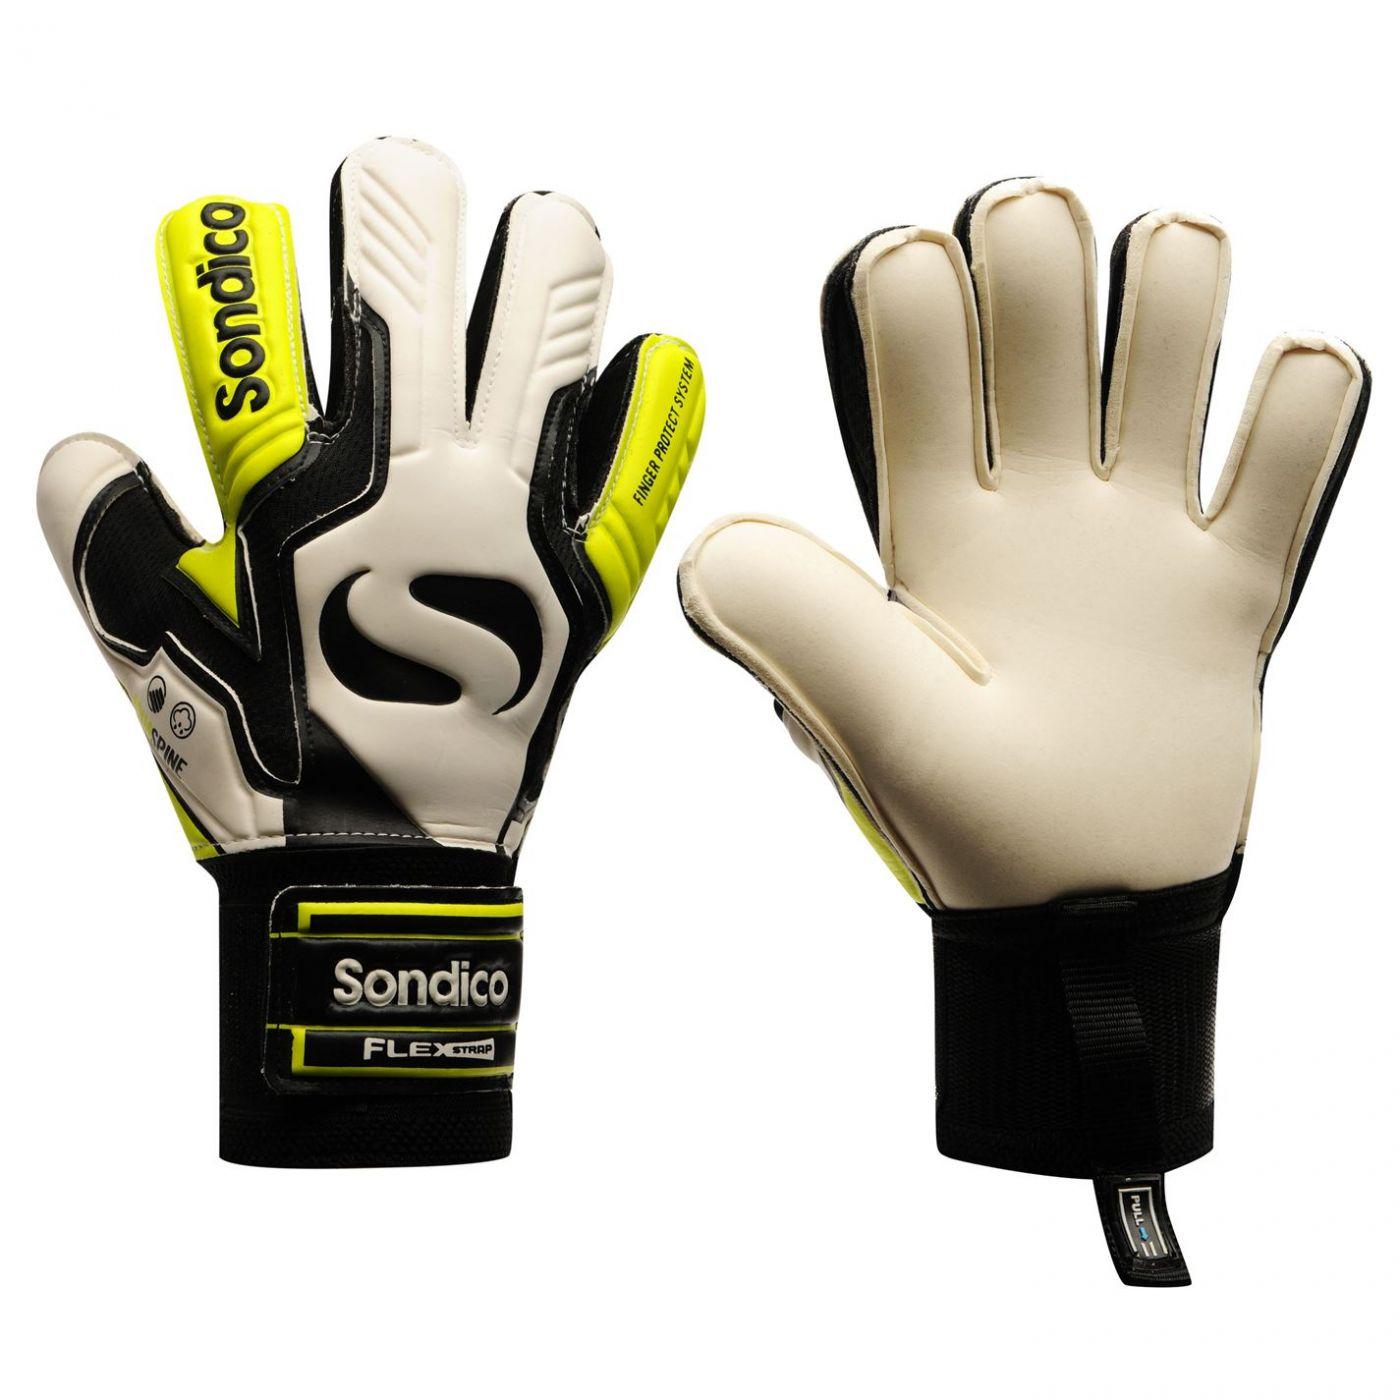 Sondico Aquaspine Goalkeeper Gloves Mens